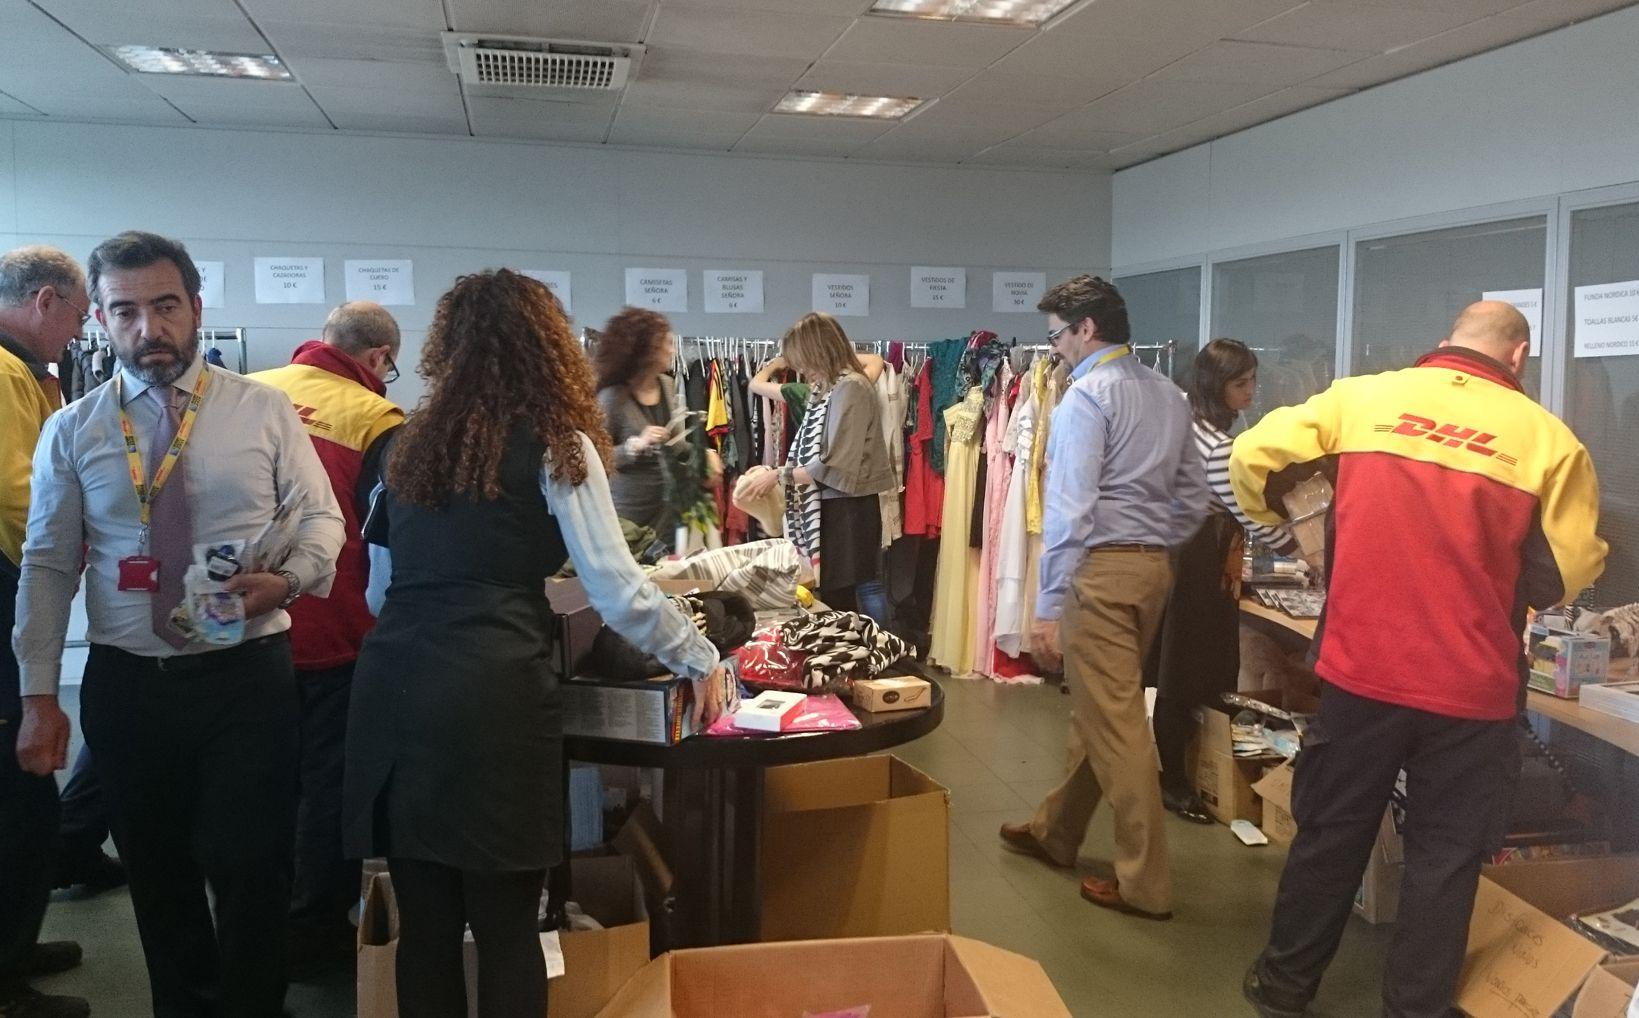 Empresas: DHL dona más de 34.000 euros a proyectos sociales en España   Autor del artículo: Finanzas.com